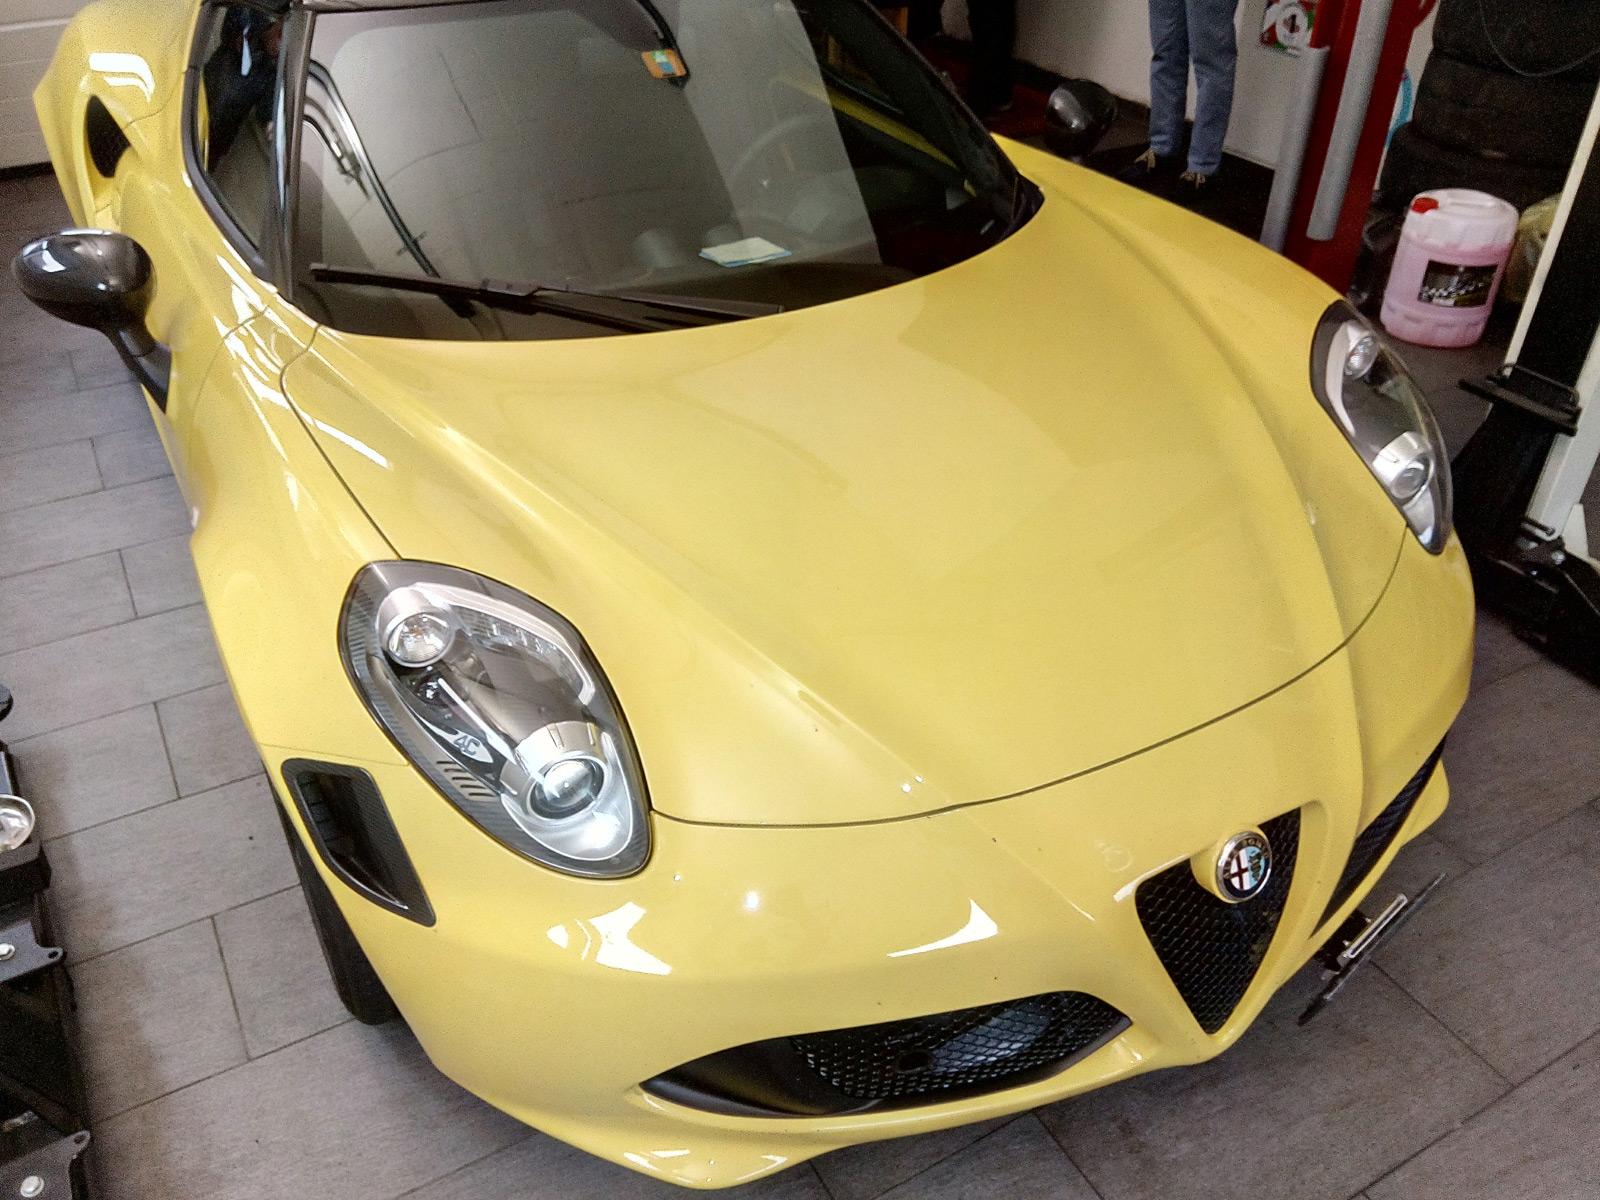 Der Alfa Romeo 4C ist wirklich sein schöner Sportwagen